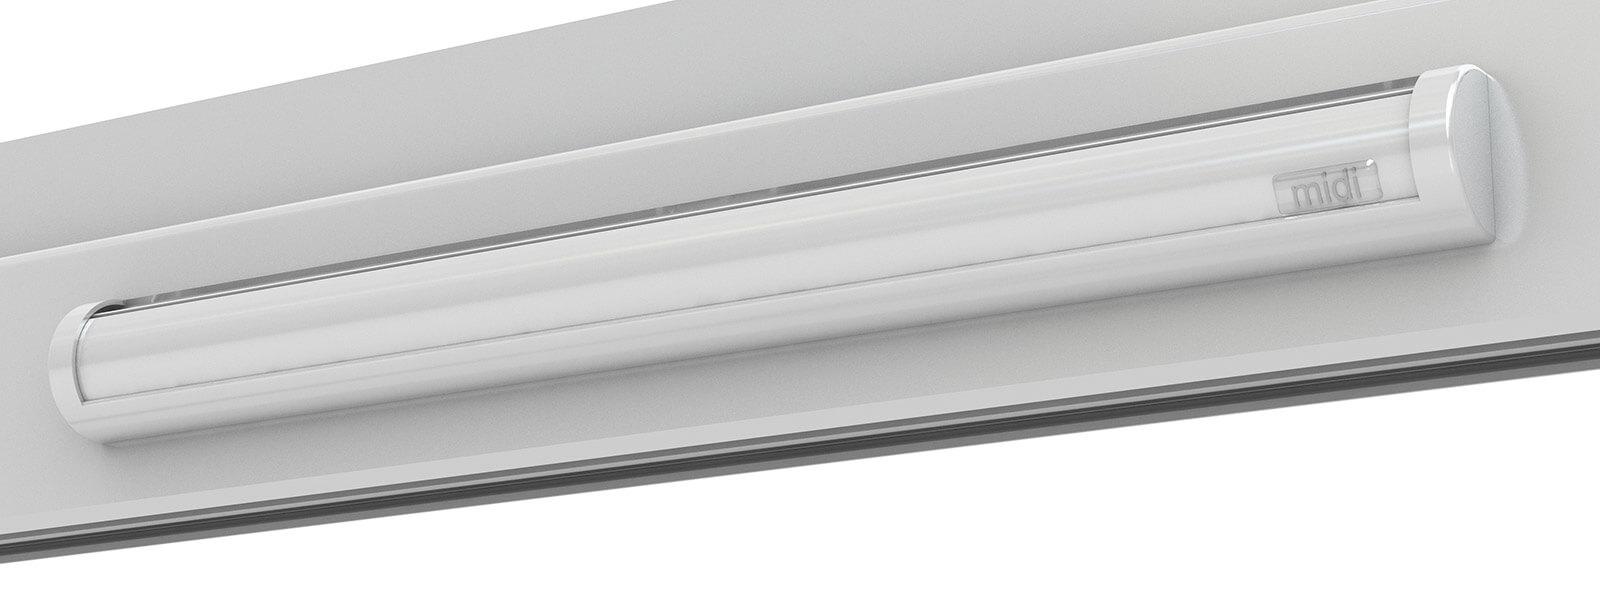 Full Size of Polnische Fenster Aluminium Gebrauchte Kaufen Plissee Sichtschutzfolie Rollo Sonnenschutzfolie Innen Einbruchschutz Nachrüsten Winkhaus Mit Eingebauten Fenster Zwangsbelüftung Fenster Nachrüsten